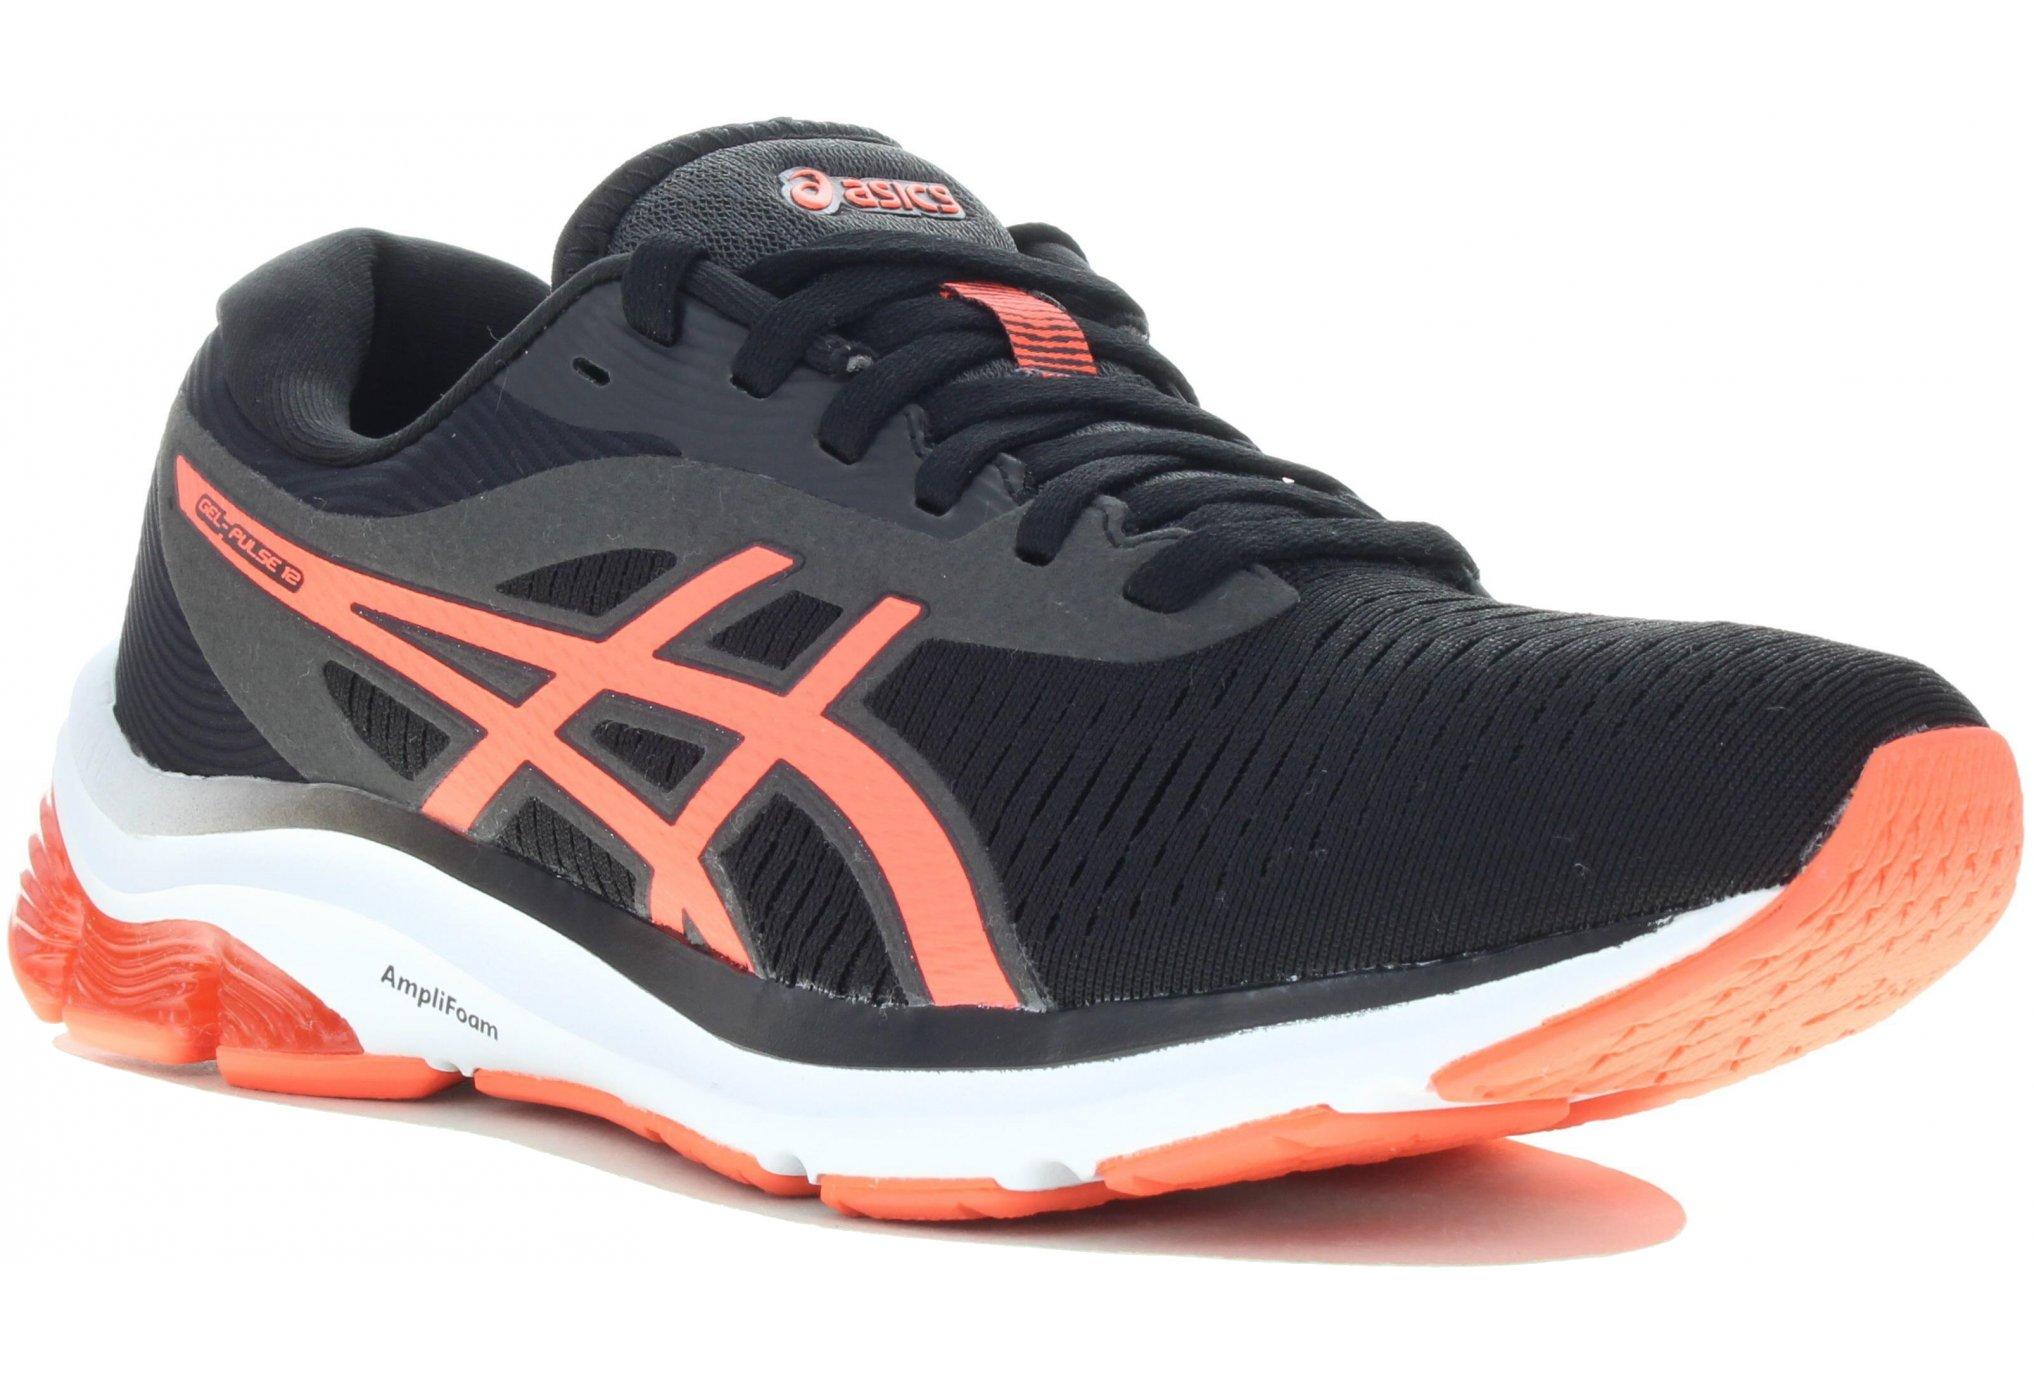 Asics Gel-Pulse 12 Chaussures running femme